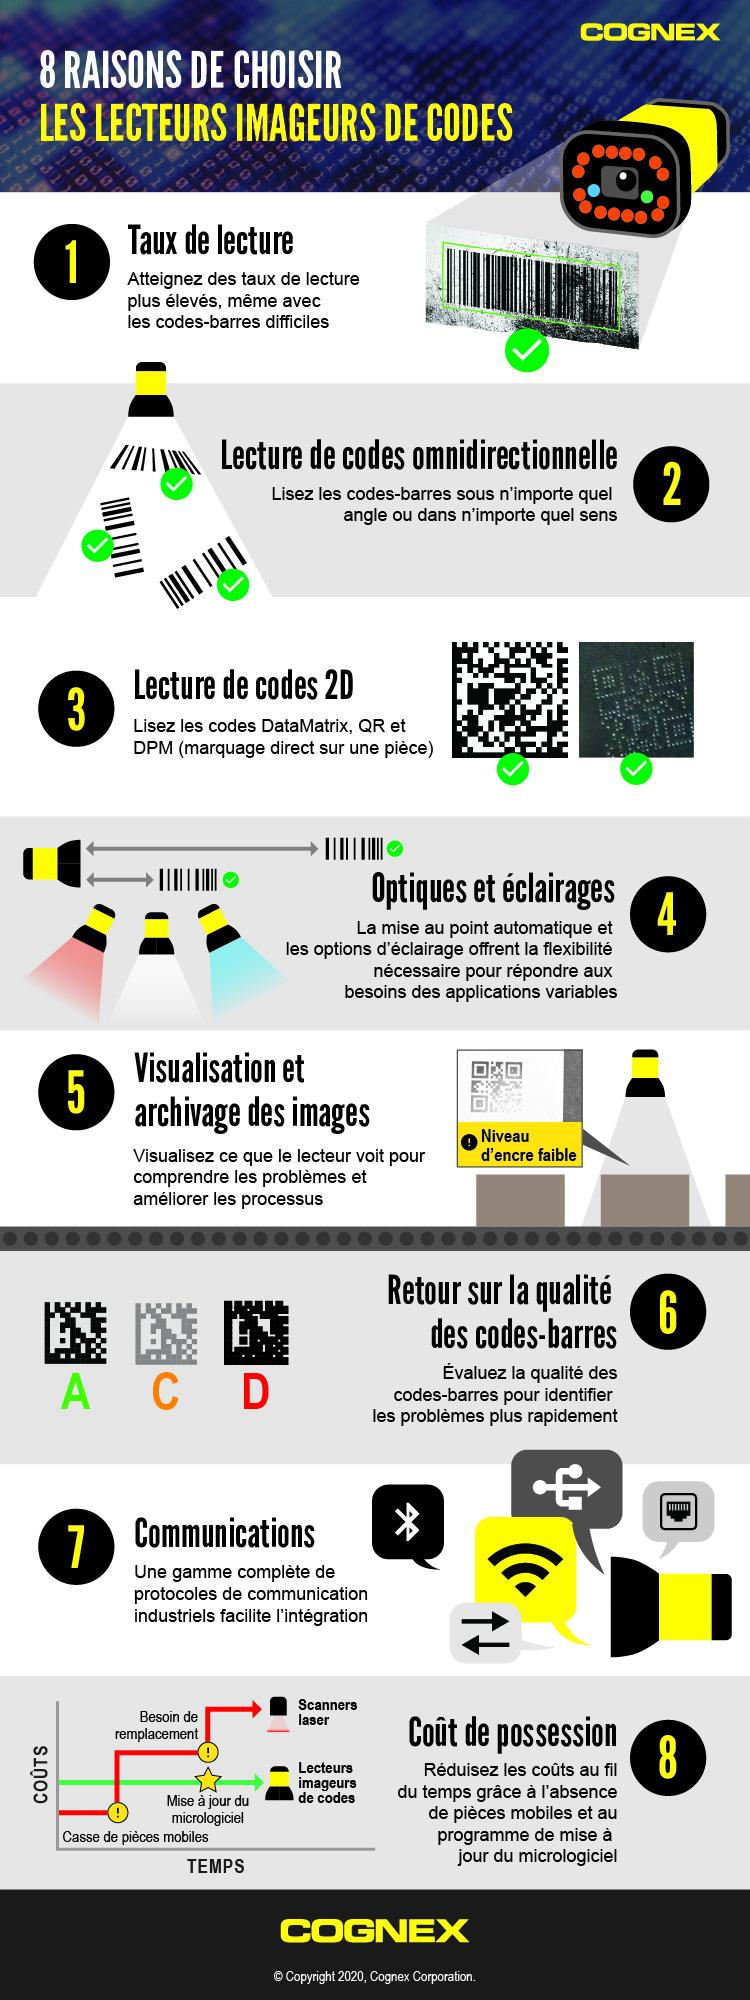 Infographie 8raisons de choisir les lecteurs imageurs de codes